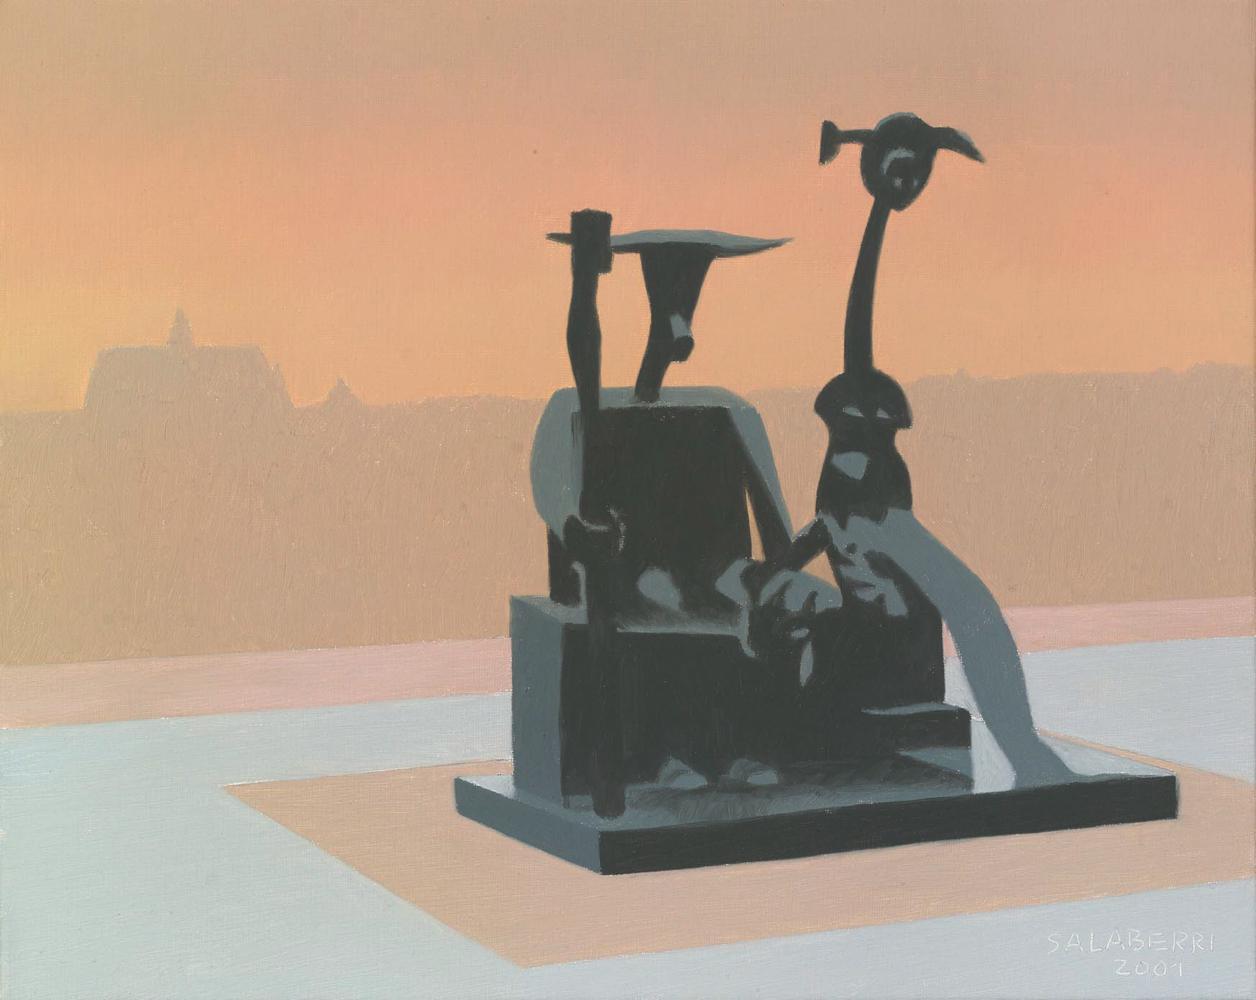 Ernst en el Pompidou, 33 x 41 cm, óleo lienzo, 2001.